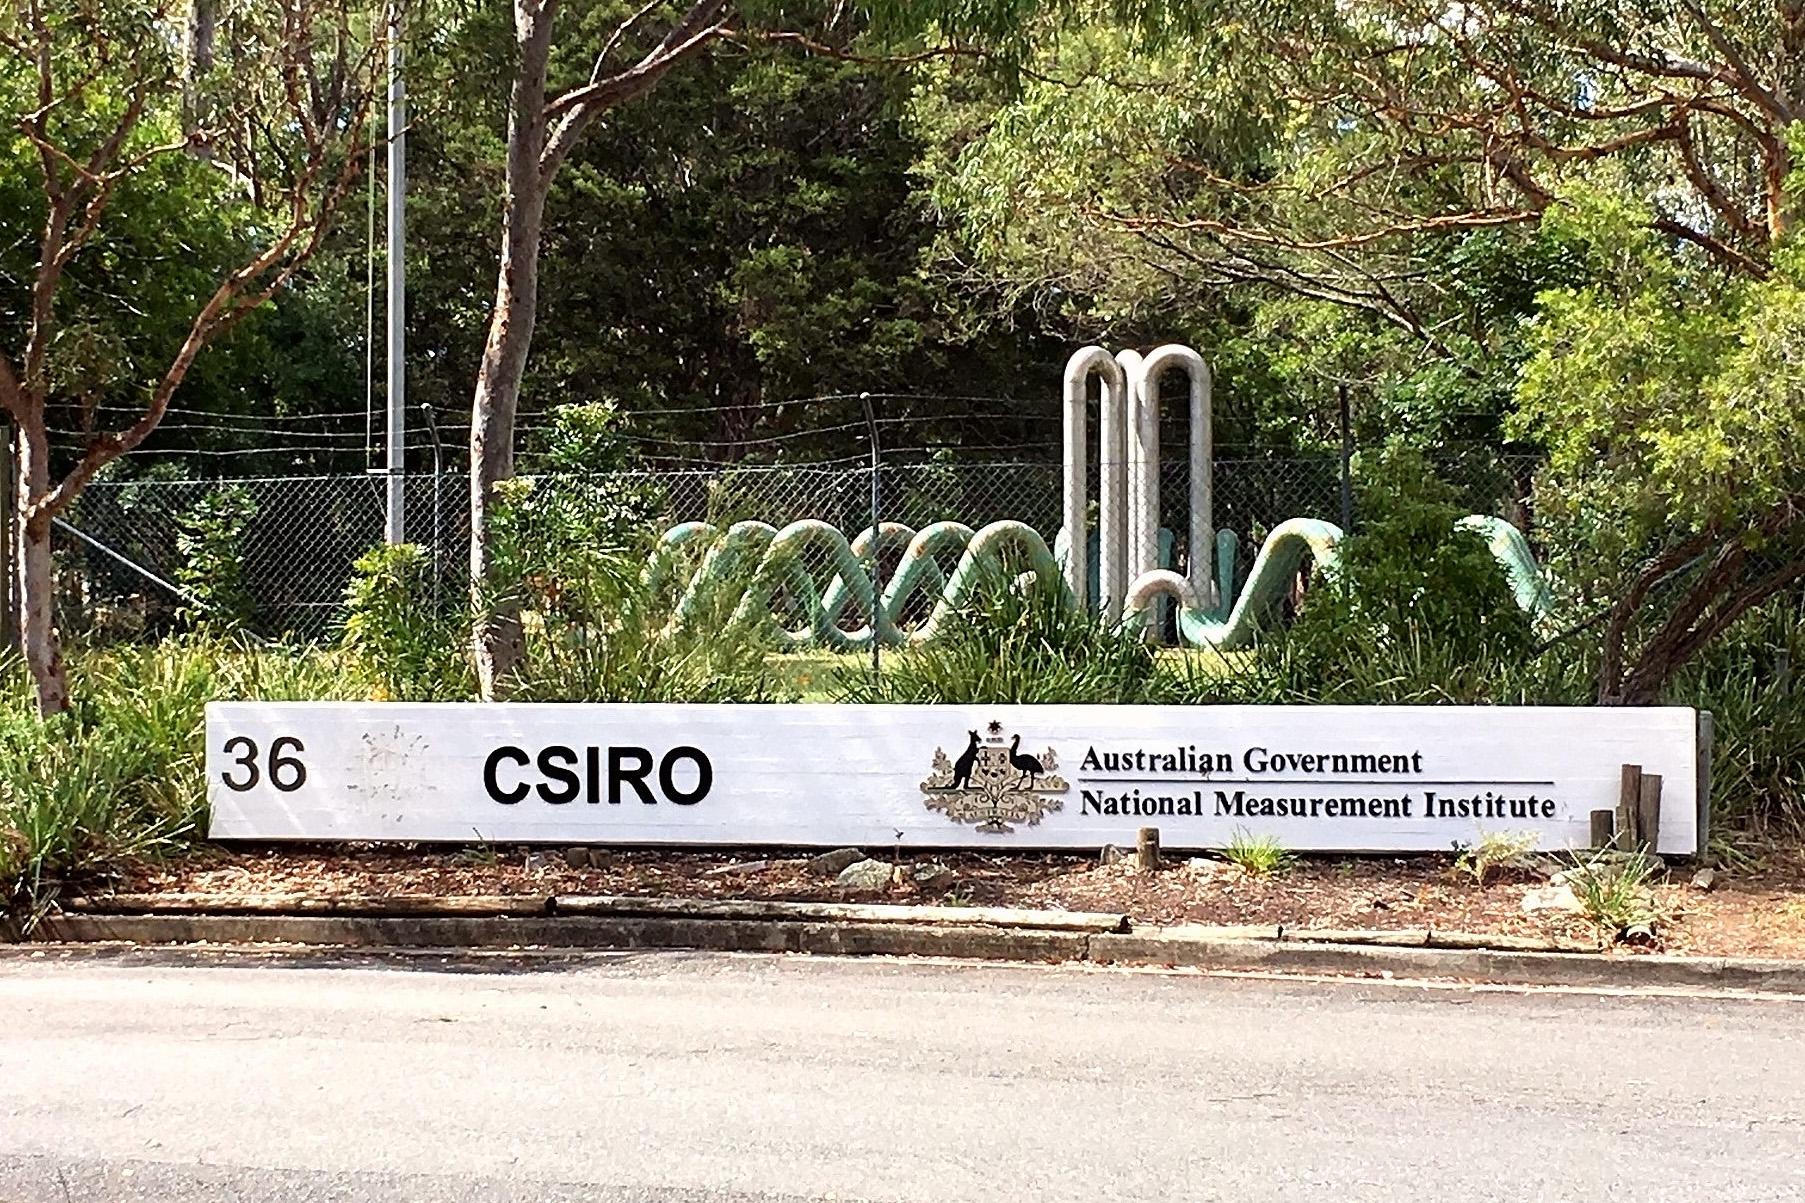 墨爾本華商再被曝欲出資千萬進駐澳敏感大樓